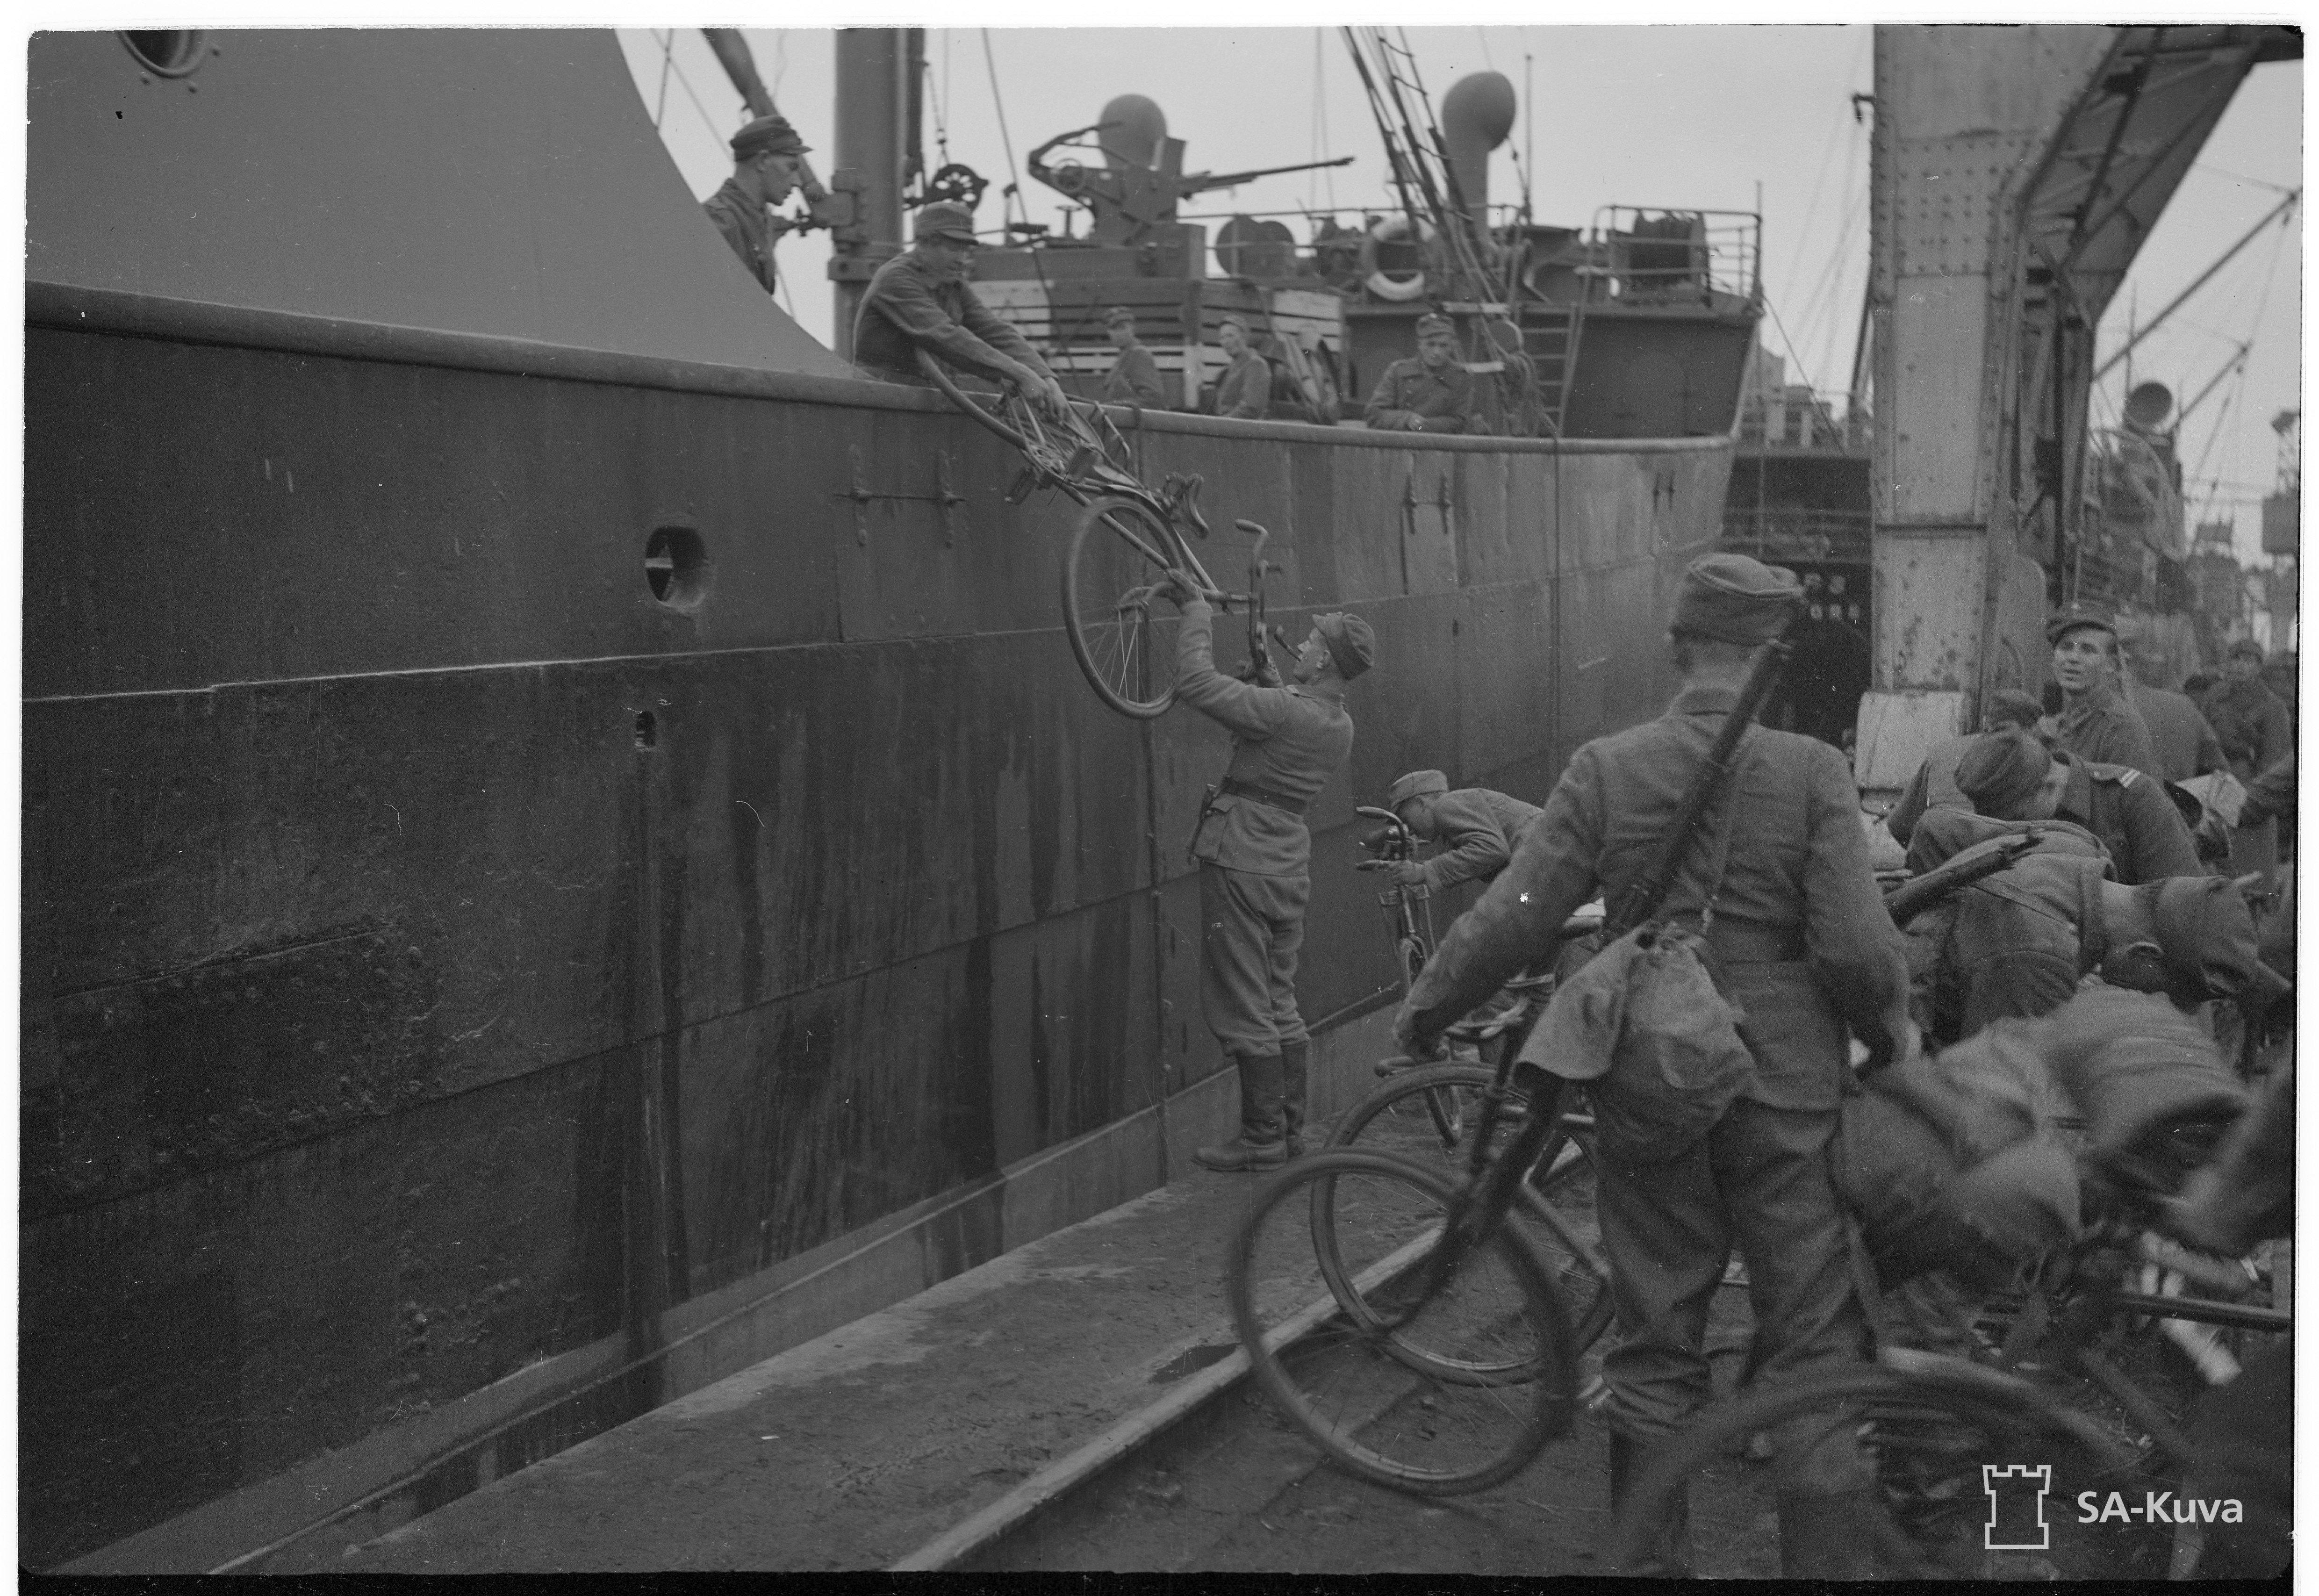 Kevyen osaston polkupyöriä lastataan laivaan Tornioon vietäväksi.